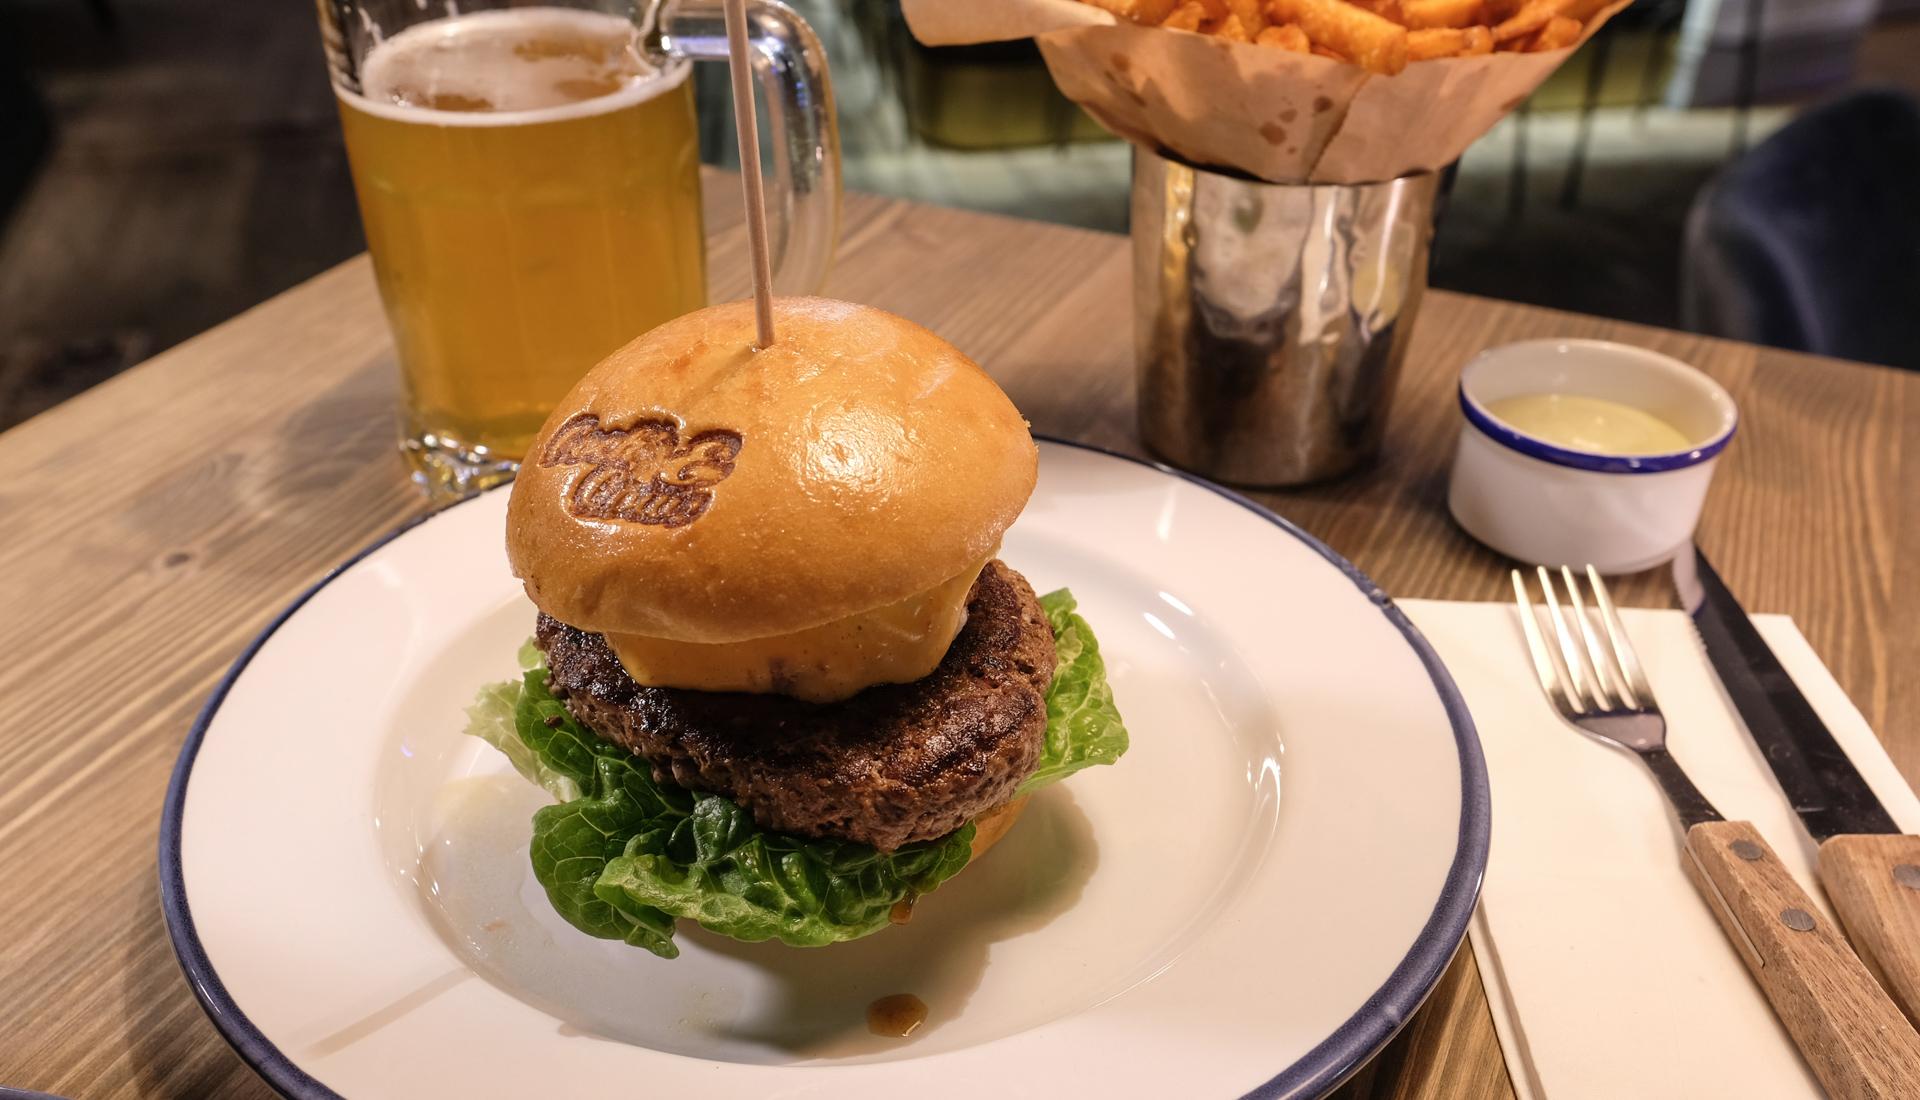 Anmeldelse af Cock's & Cows: Her får burgeren endelig respekt og topkarakter